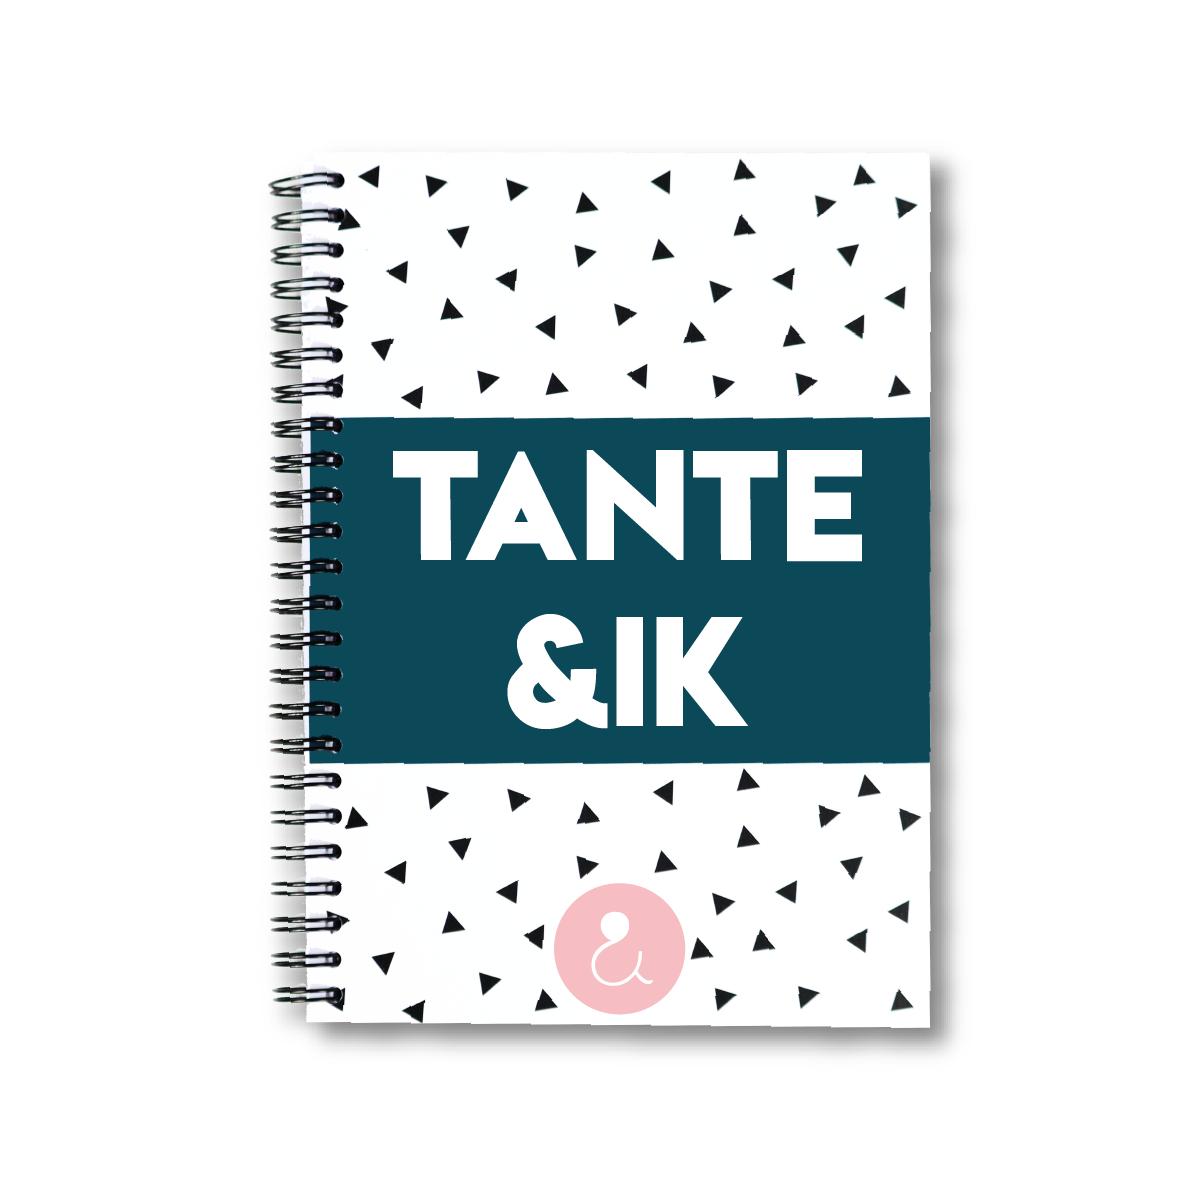 Tante&ik   invulboek voor tante (roze stip)